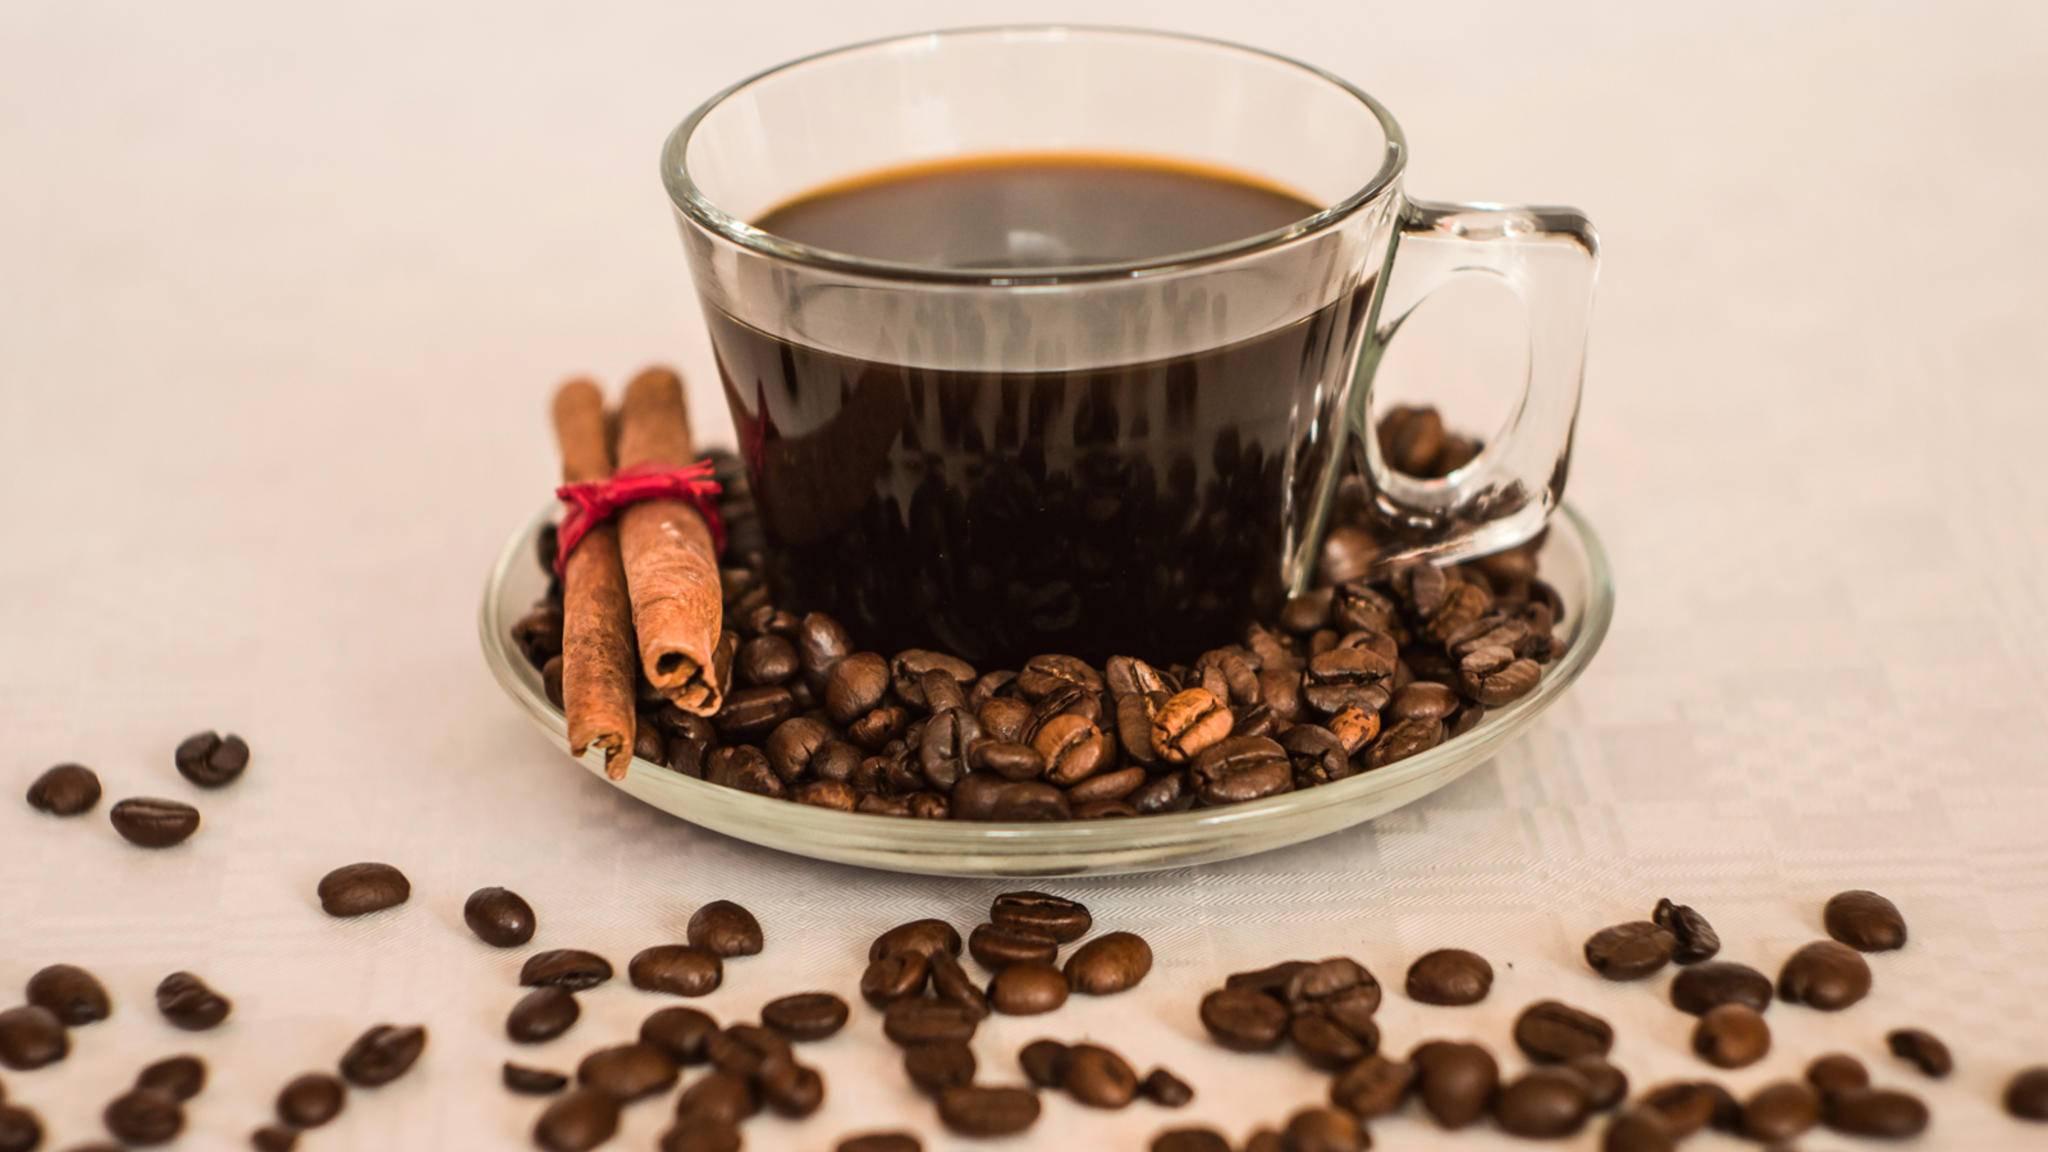 Ein langer Espresso, auch Americano genannt, schmeckt aus Vollautomaten oft besser als der voreingestellte Café Crème.